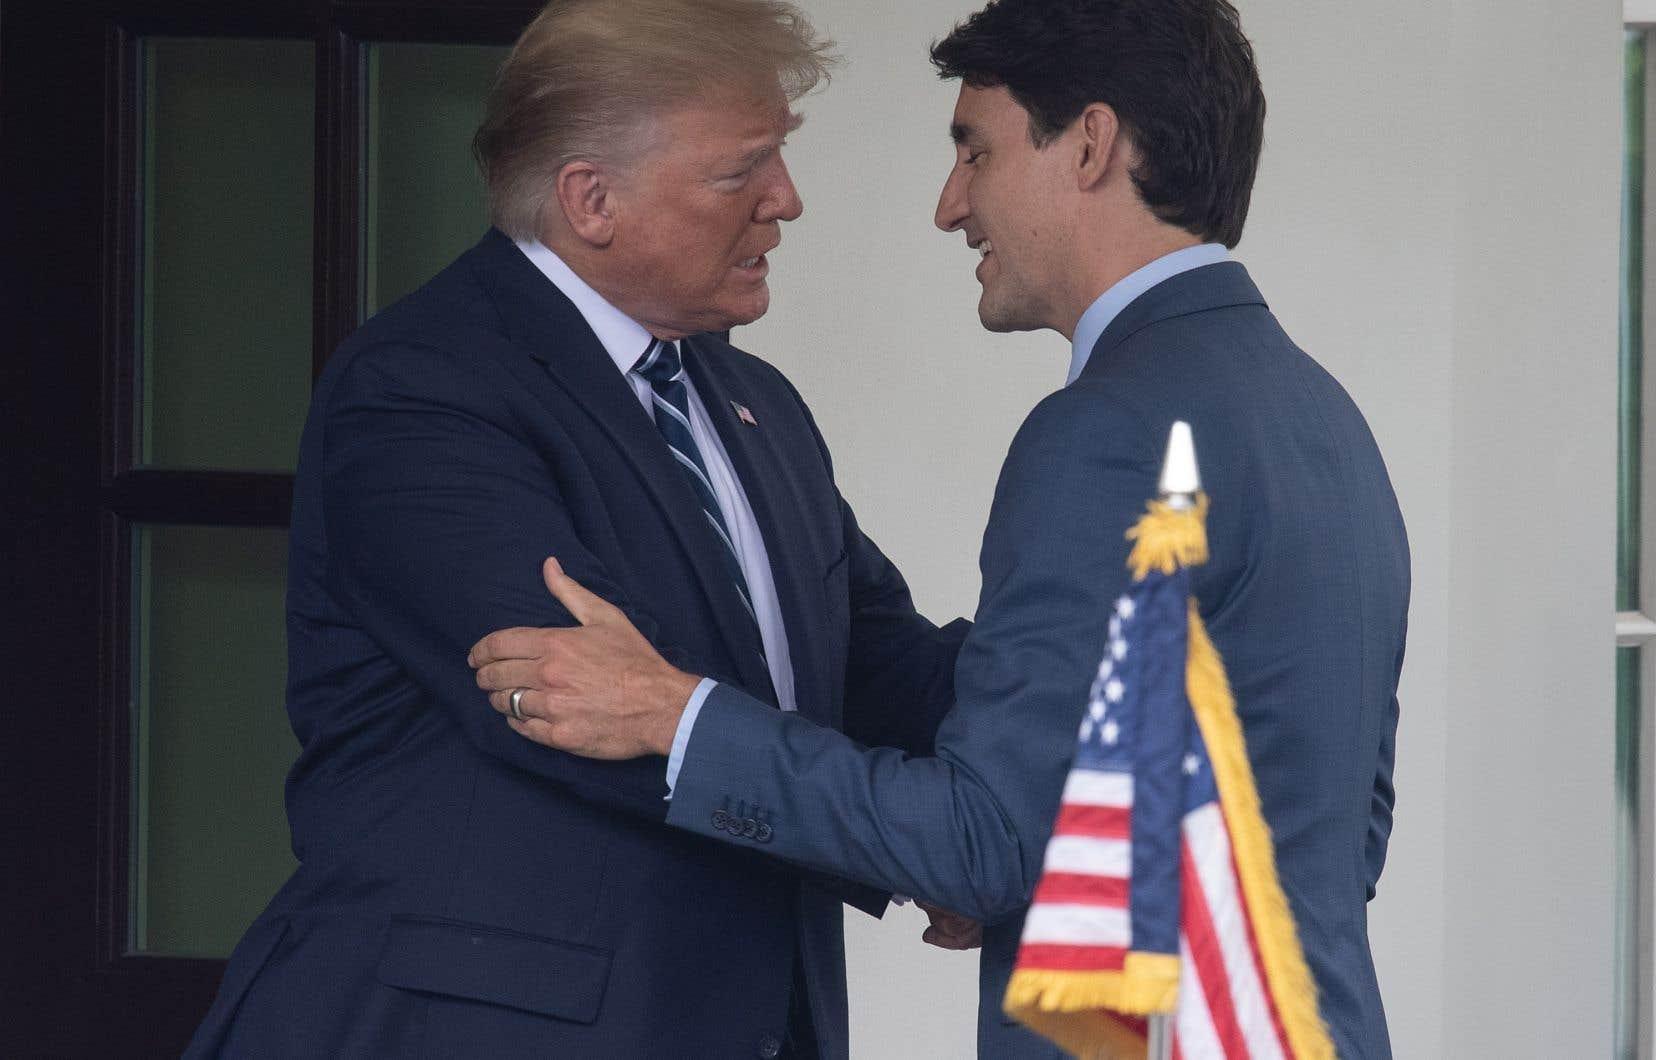 Donald Trump a promis son soutien aux détenus canadiens en Chine lors d'une réunion avec Justin Trudeau jeudi dernier à la Maison-Blanche.